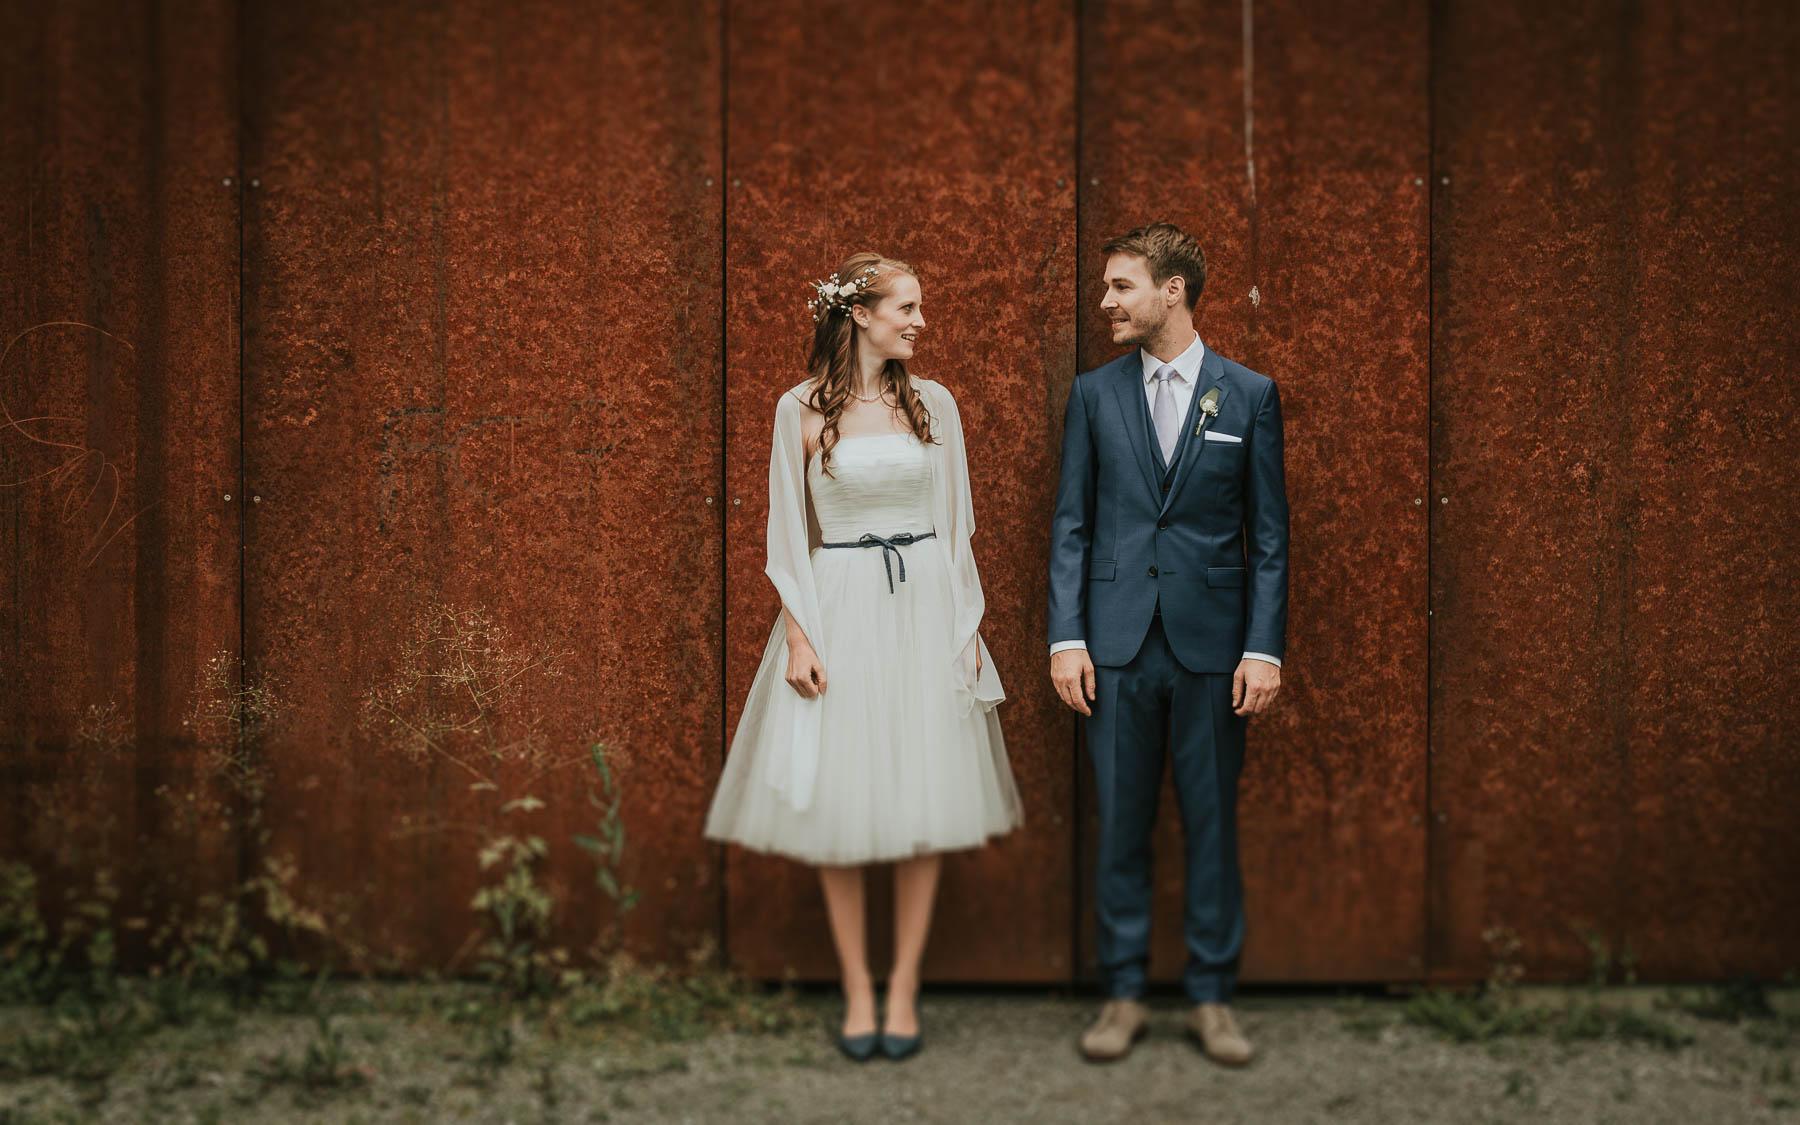 Hochzeitsfotografin Schweiz - wohnhaft in Zürich